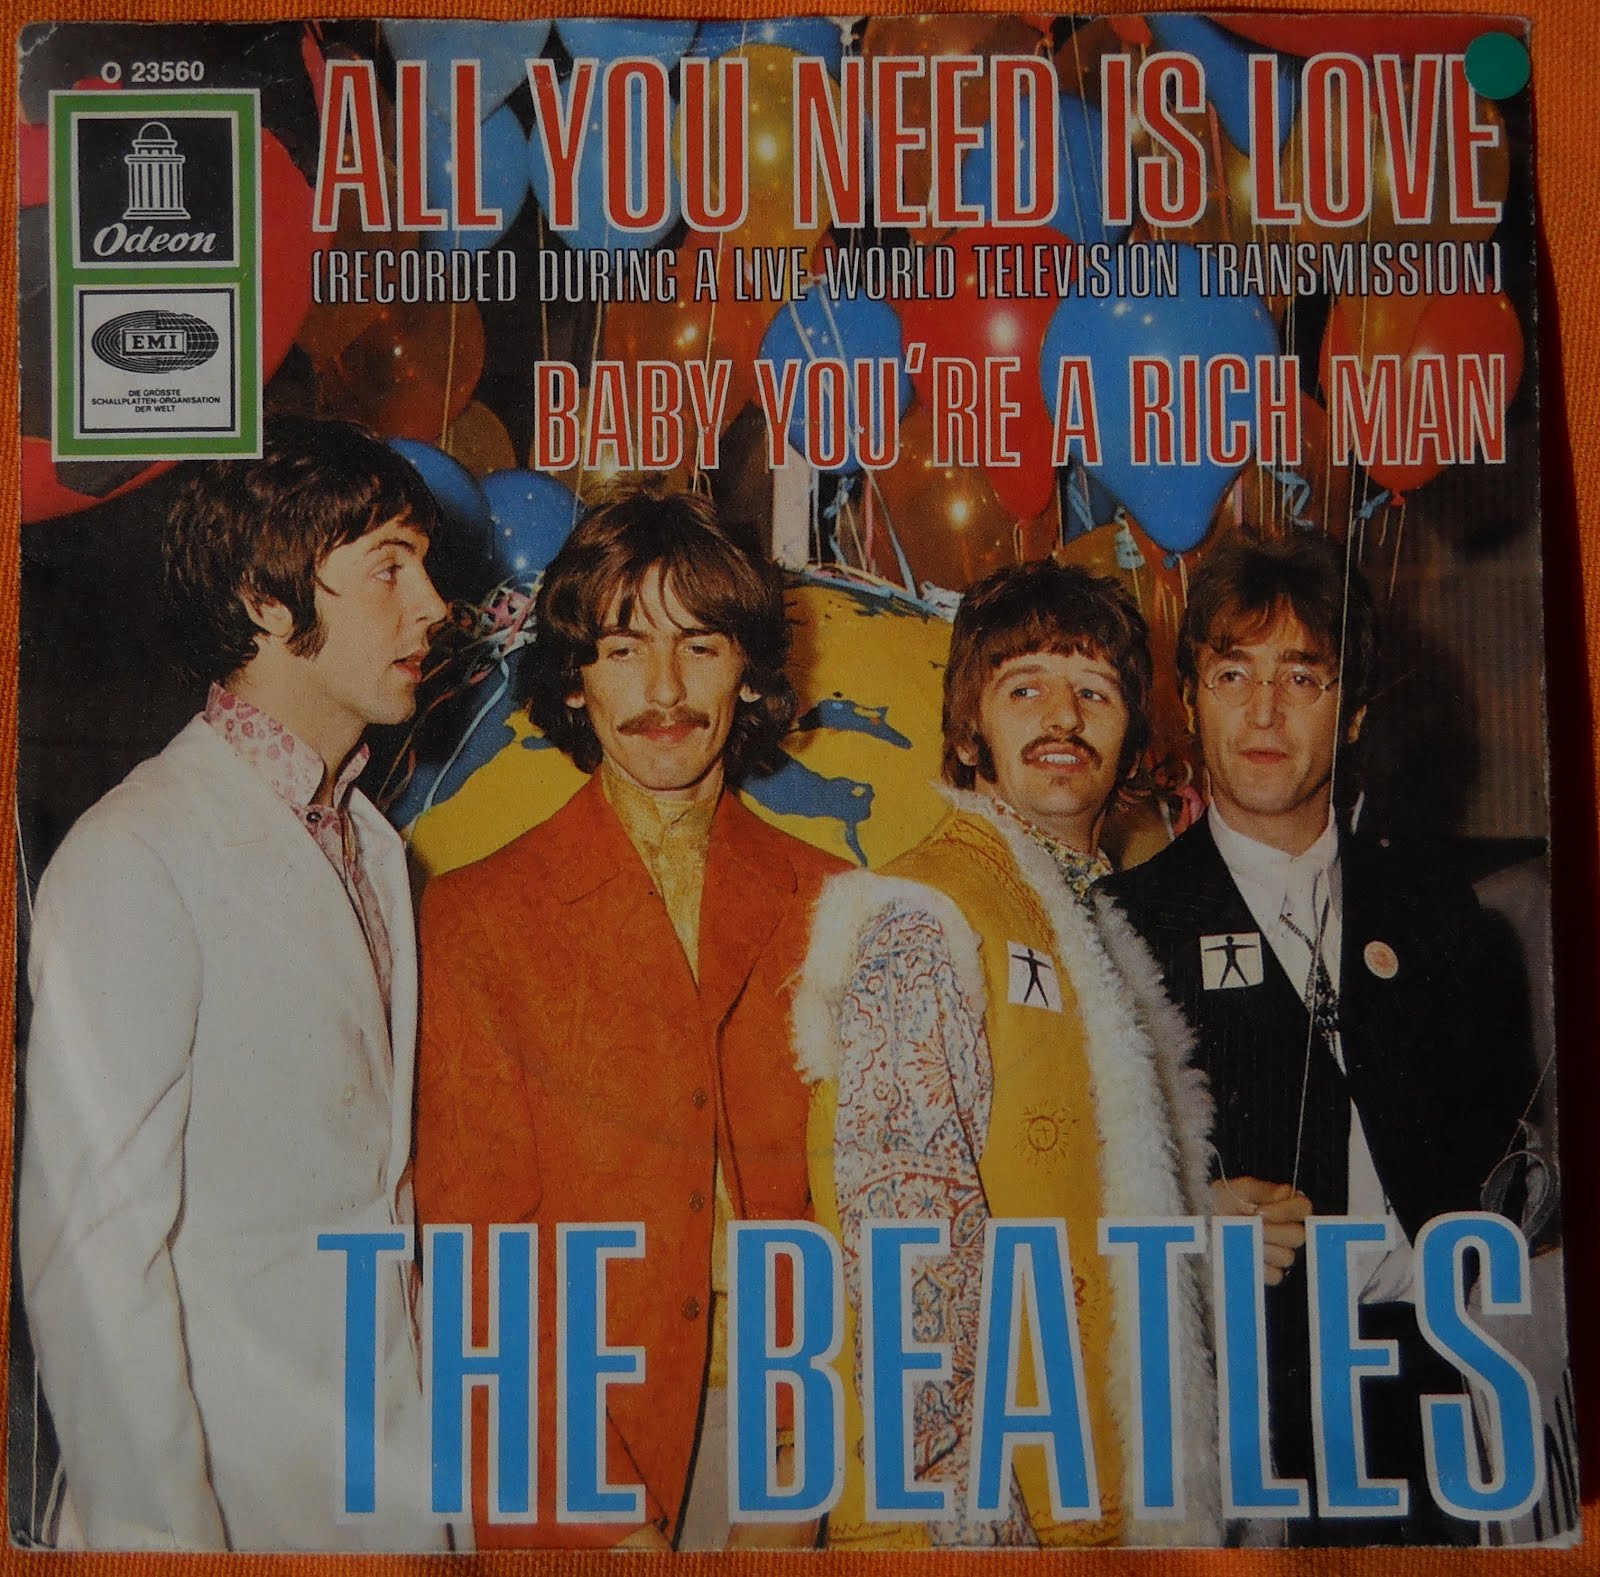 The Beatles - YEA! - YEA! - YEA! Vol. 4